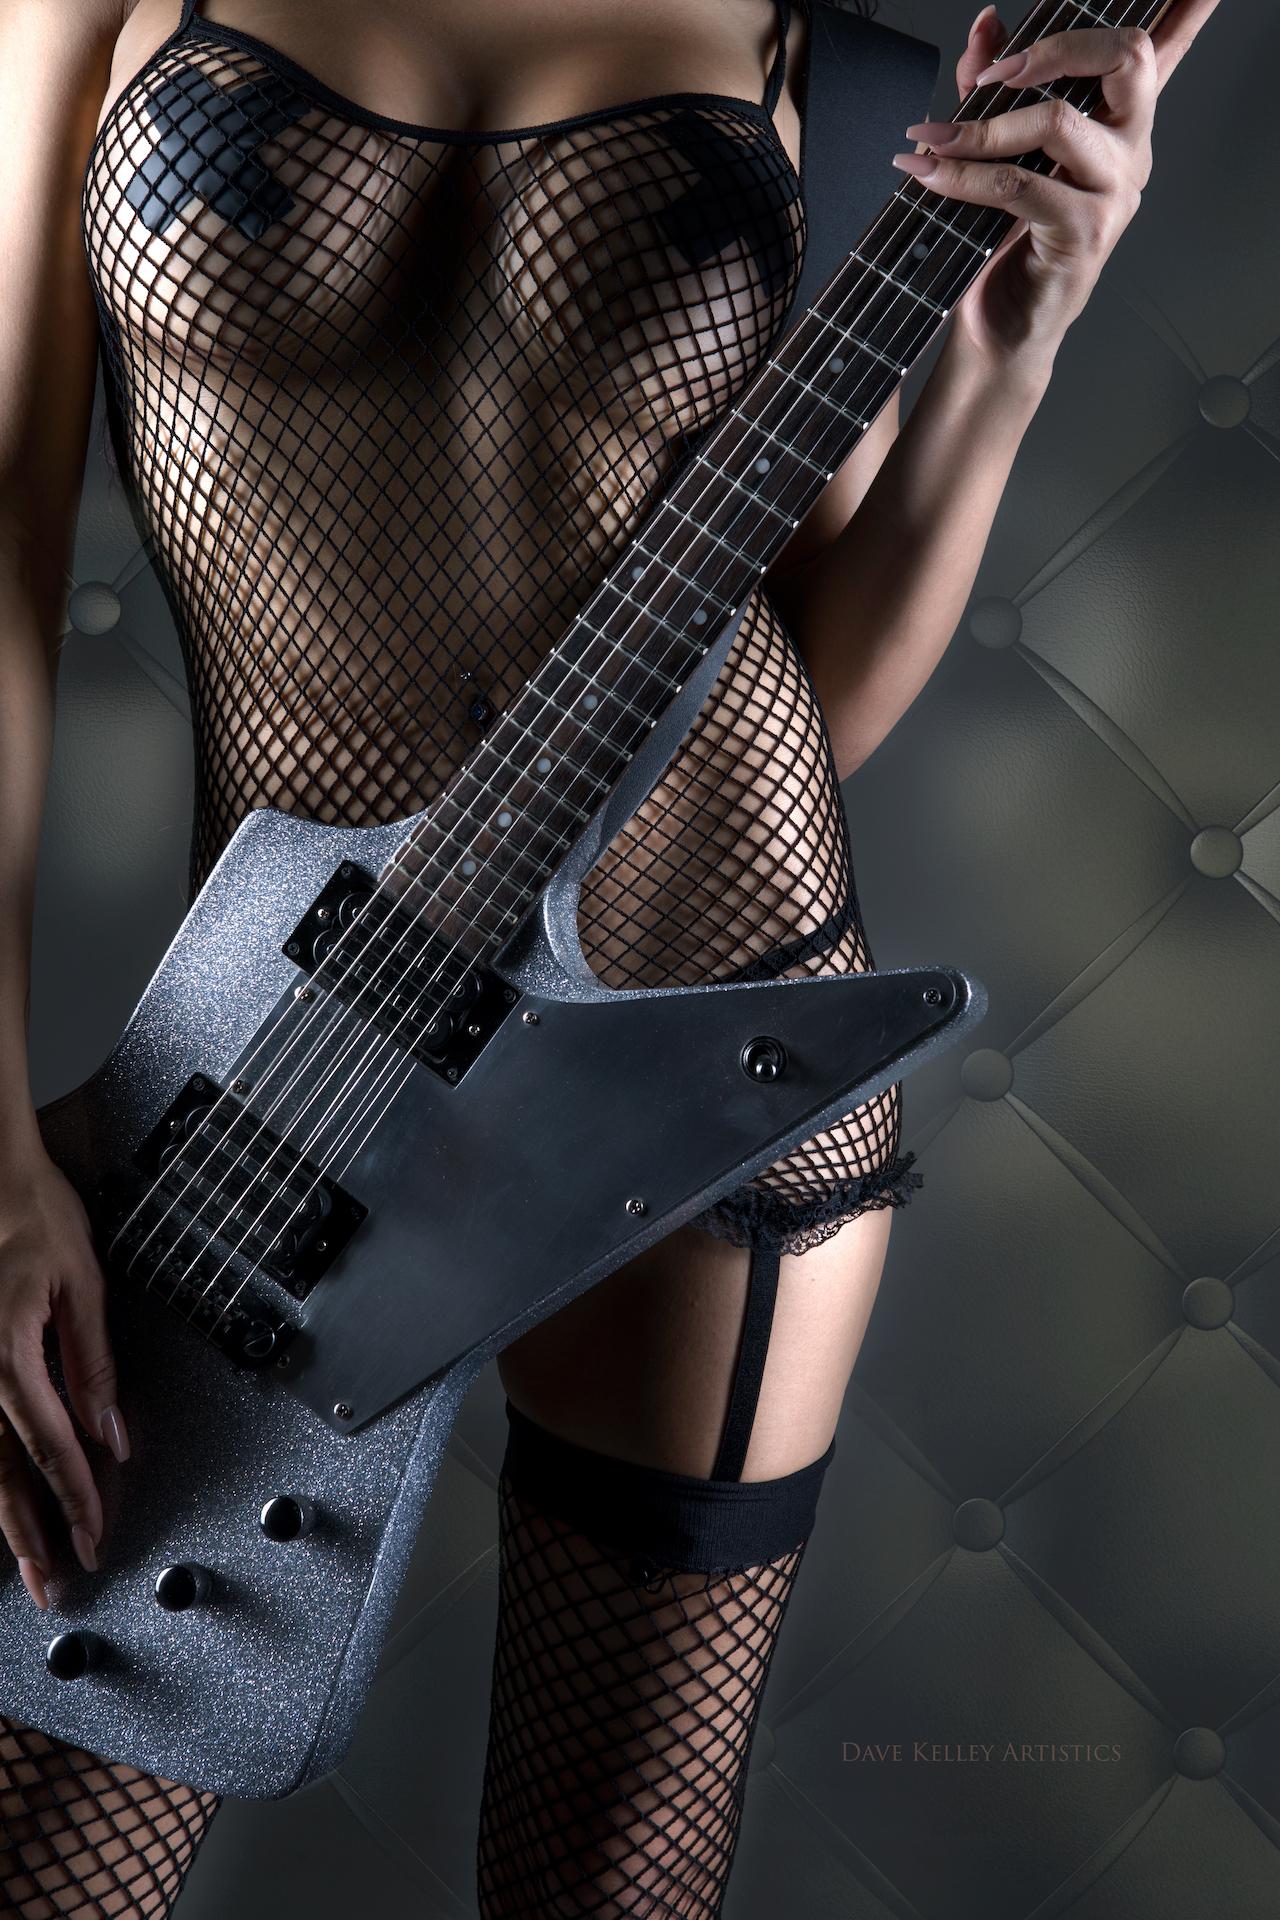 Guitar0117templar-cassandraH - IMGL4342-Edit.jpg